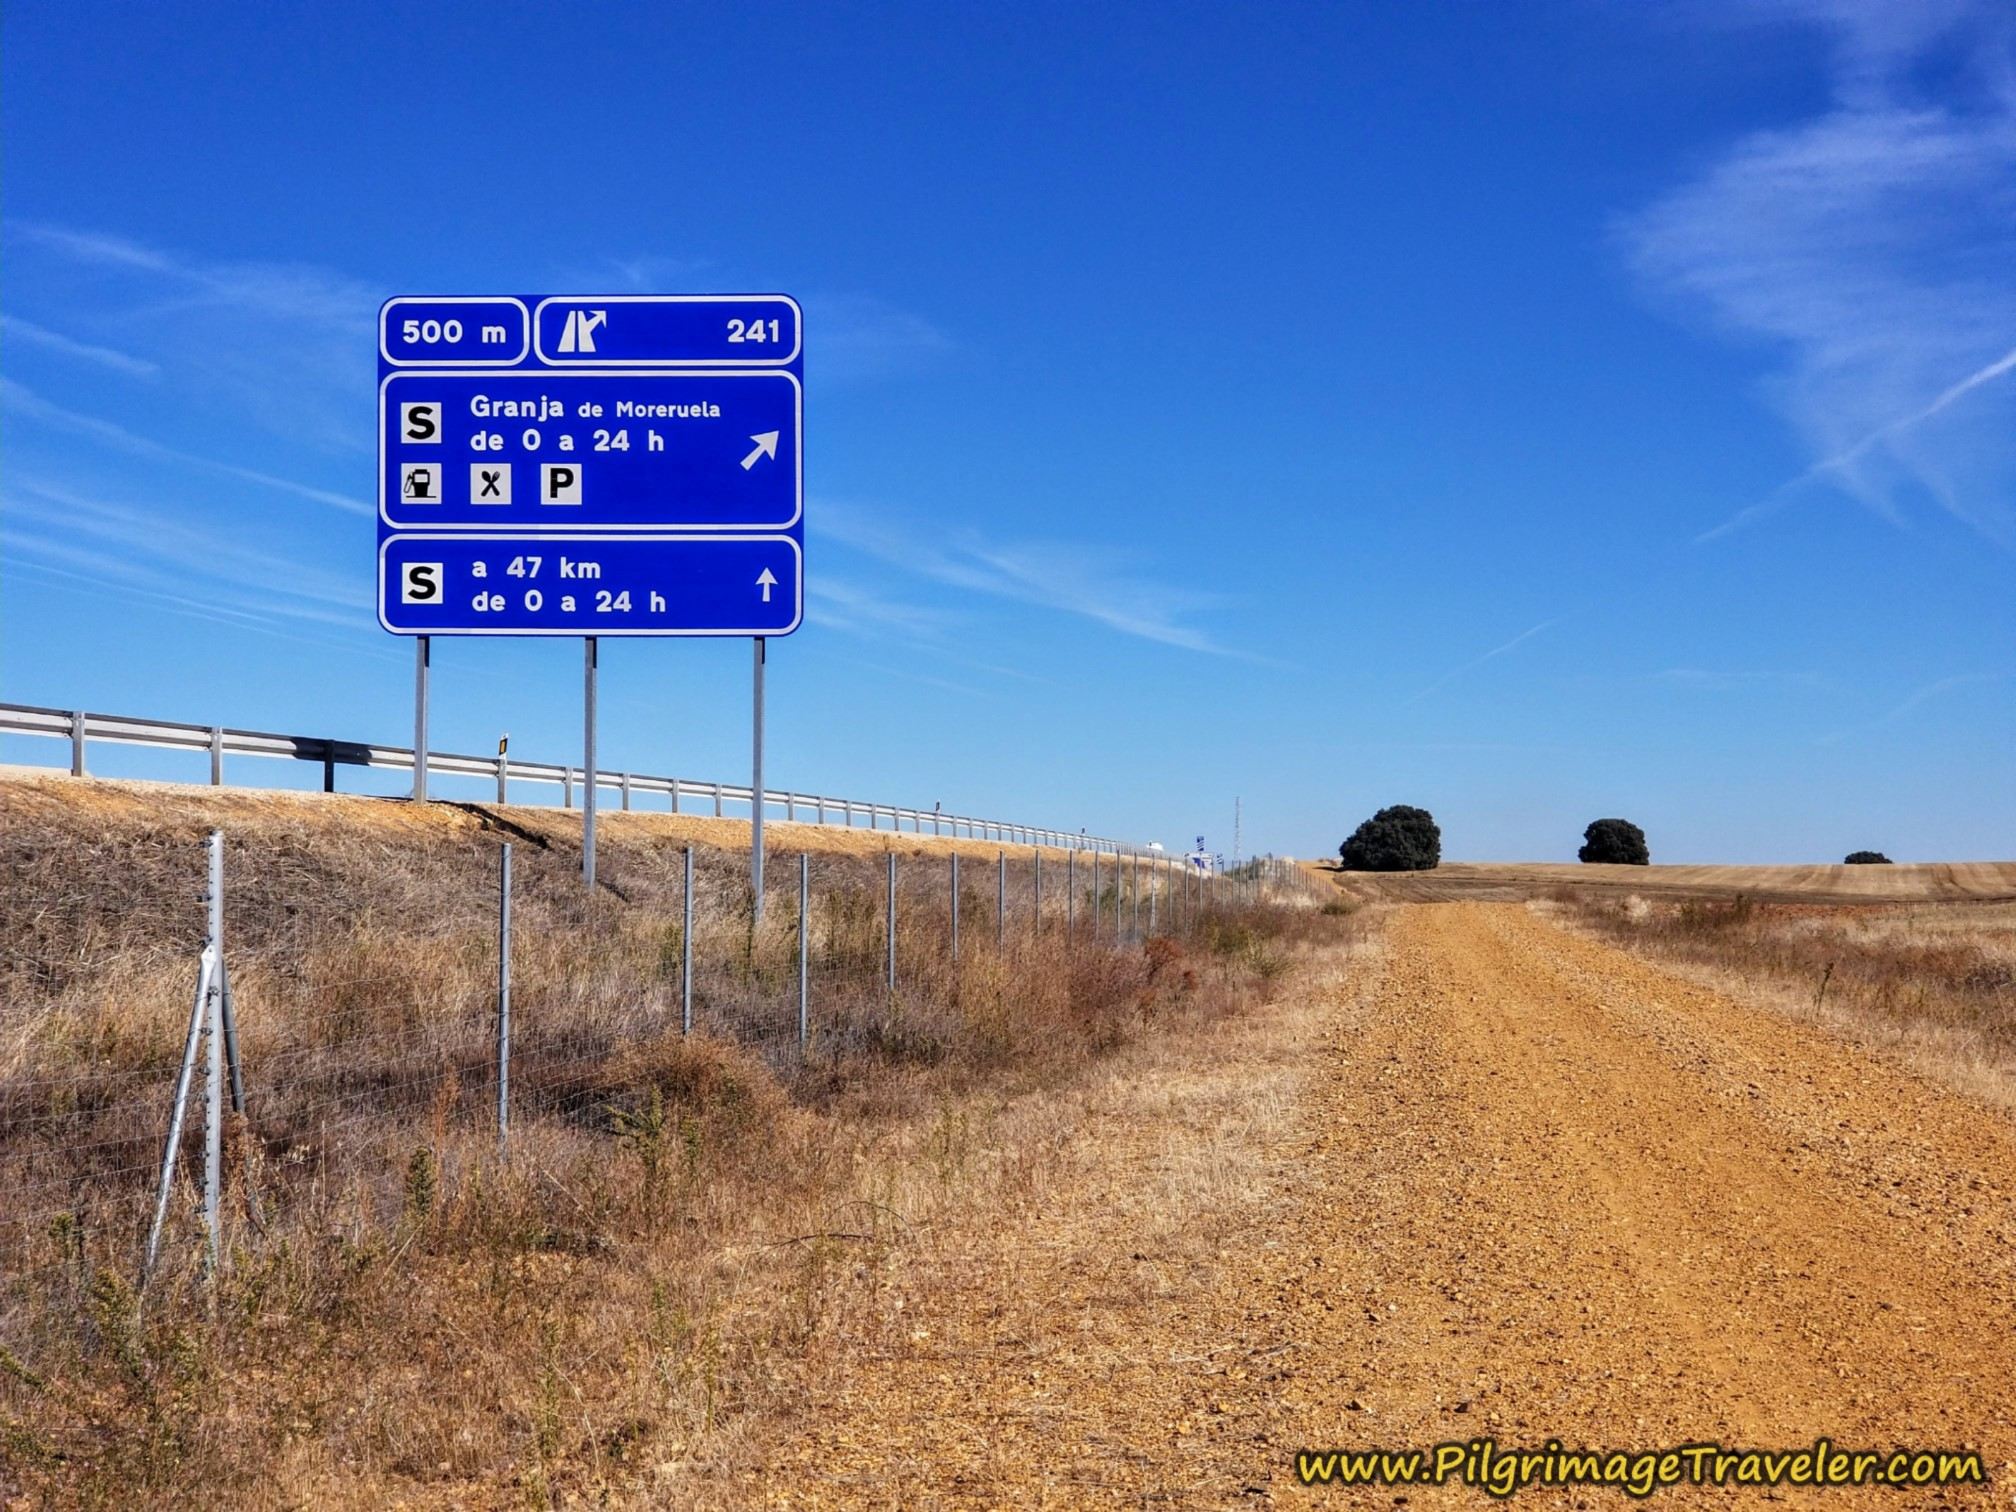 Highway Exit to Granja de Moreruela